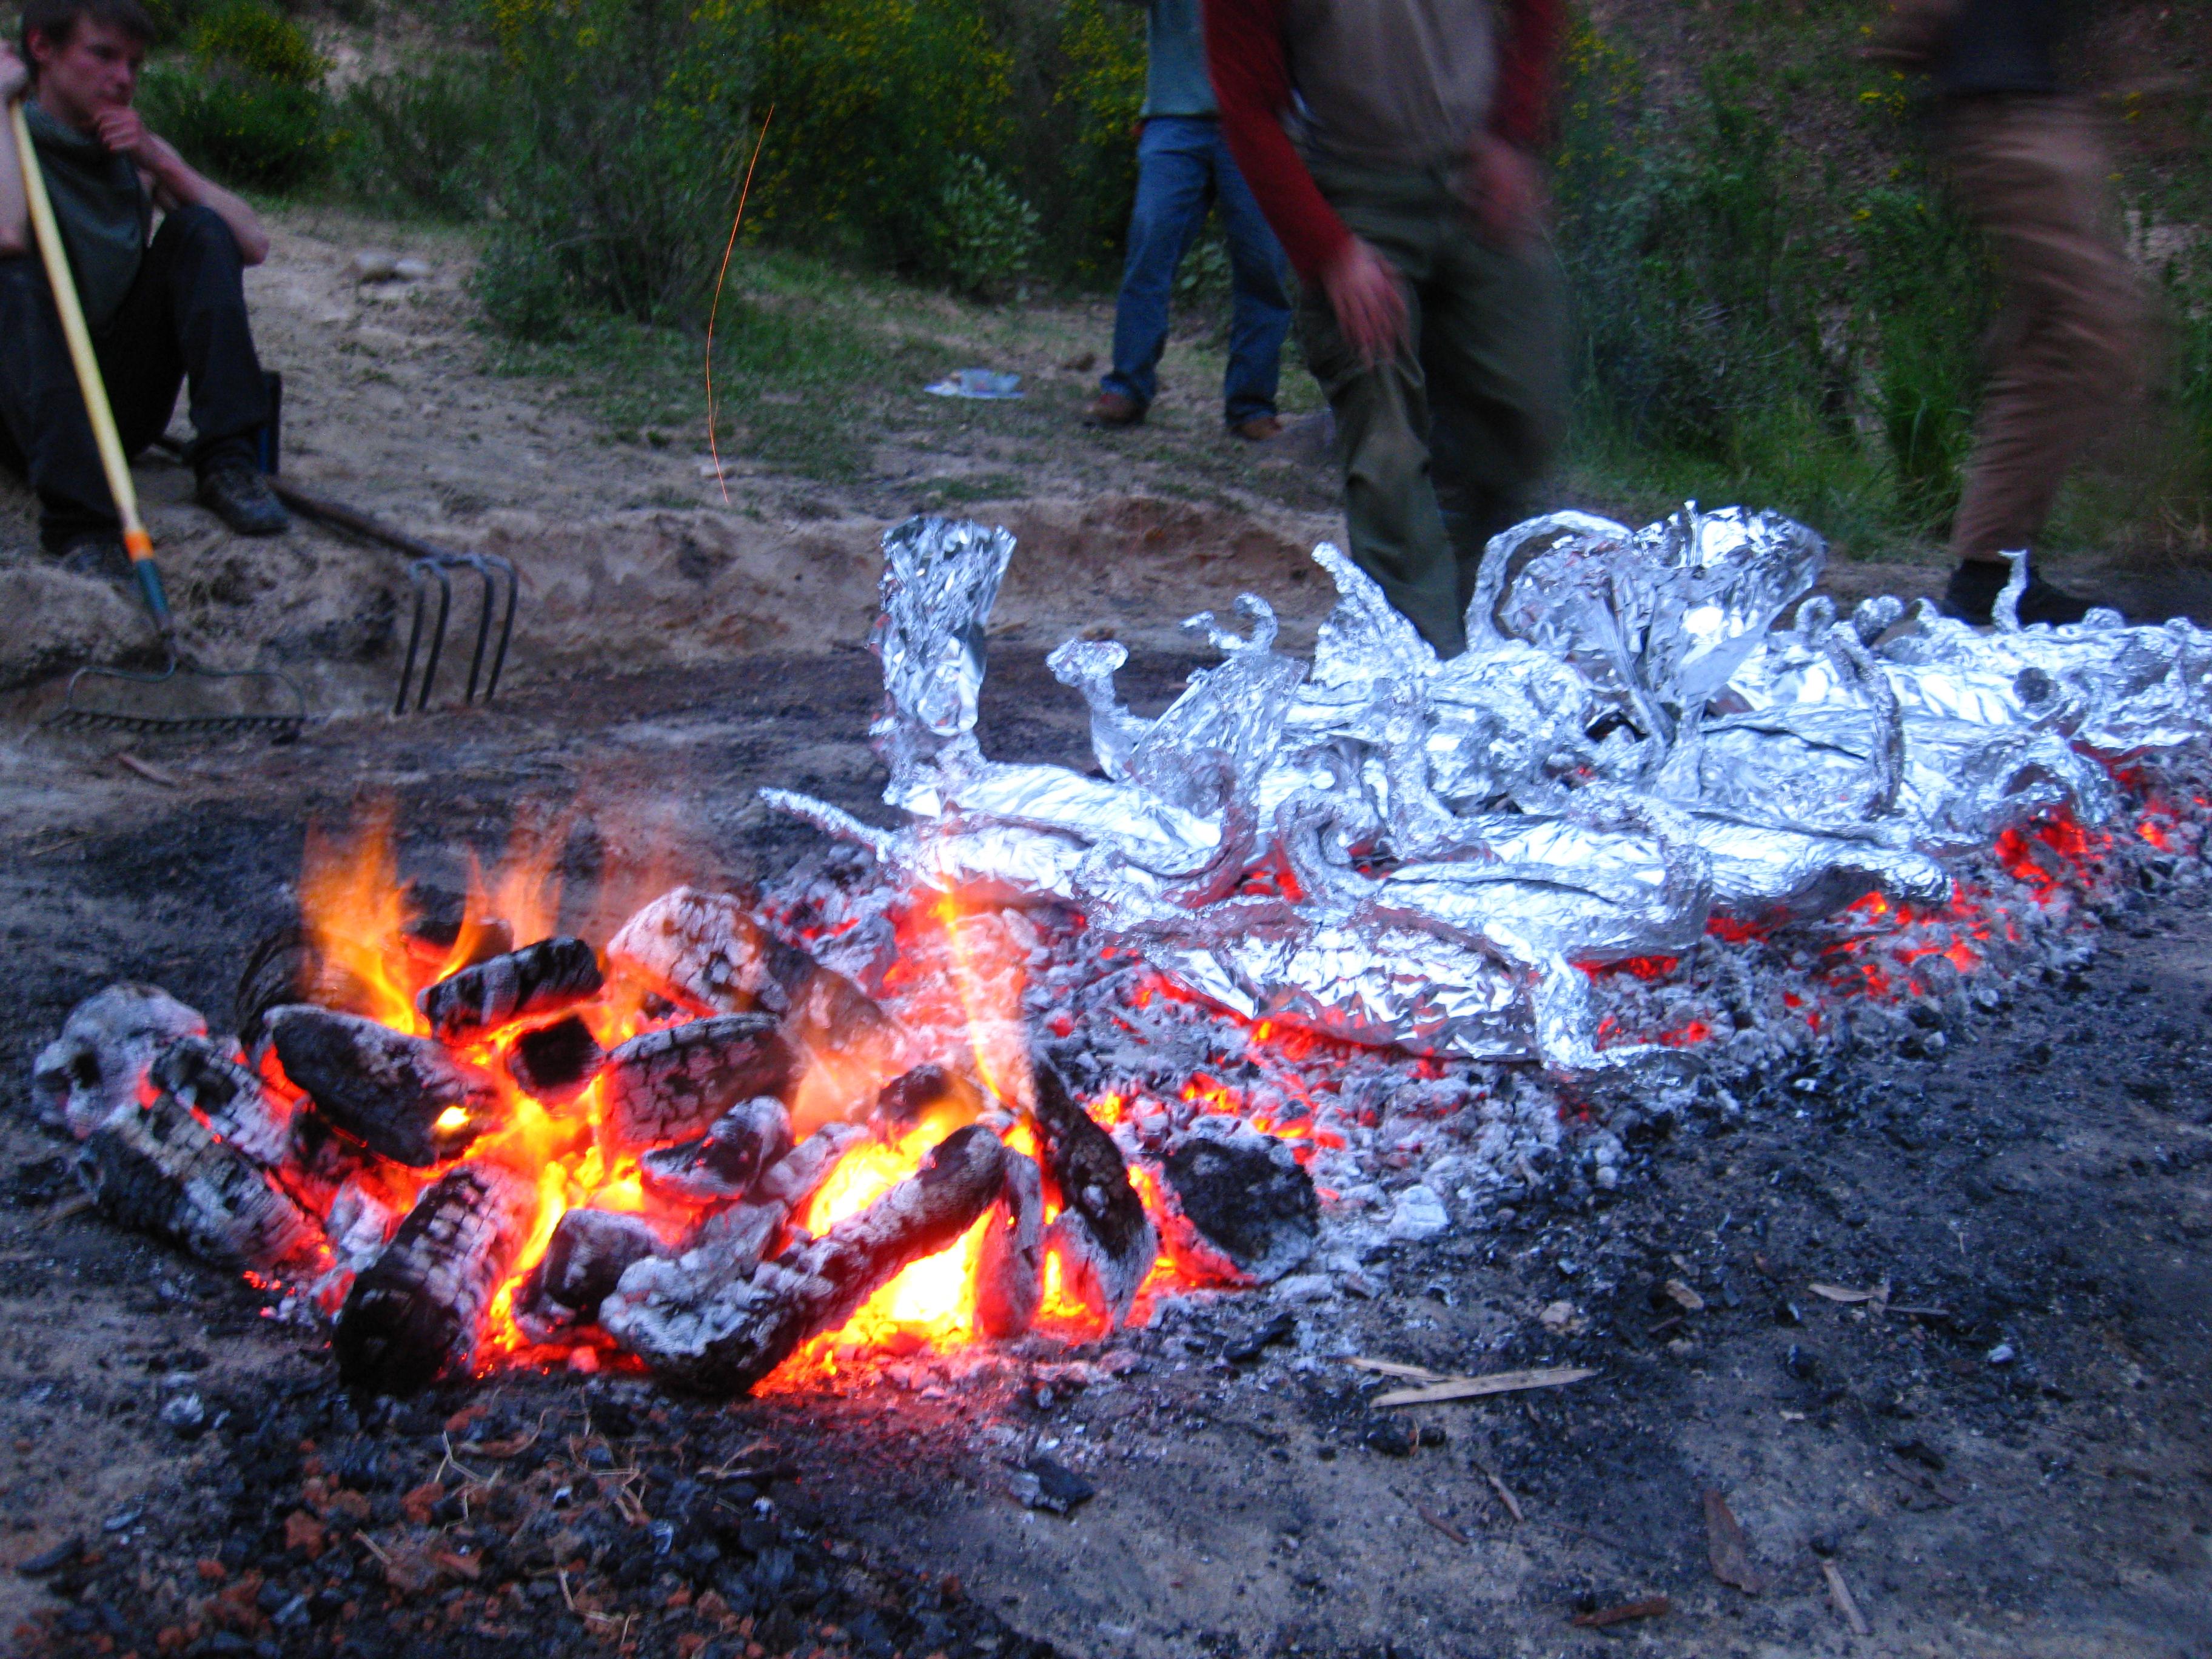 Fish in the Coals